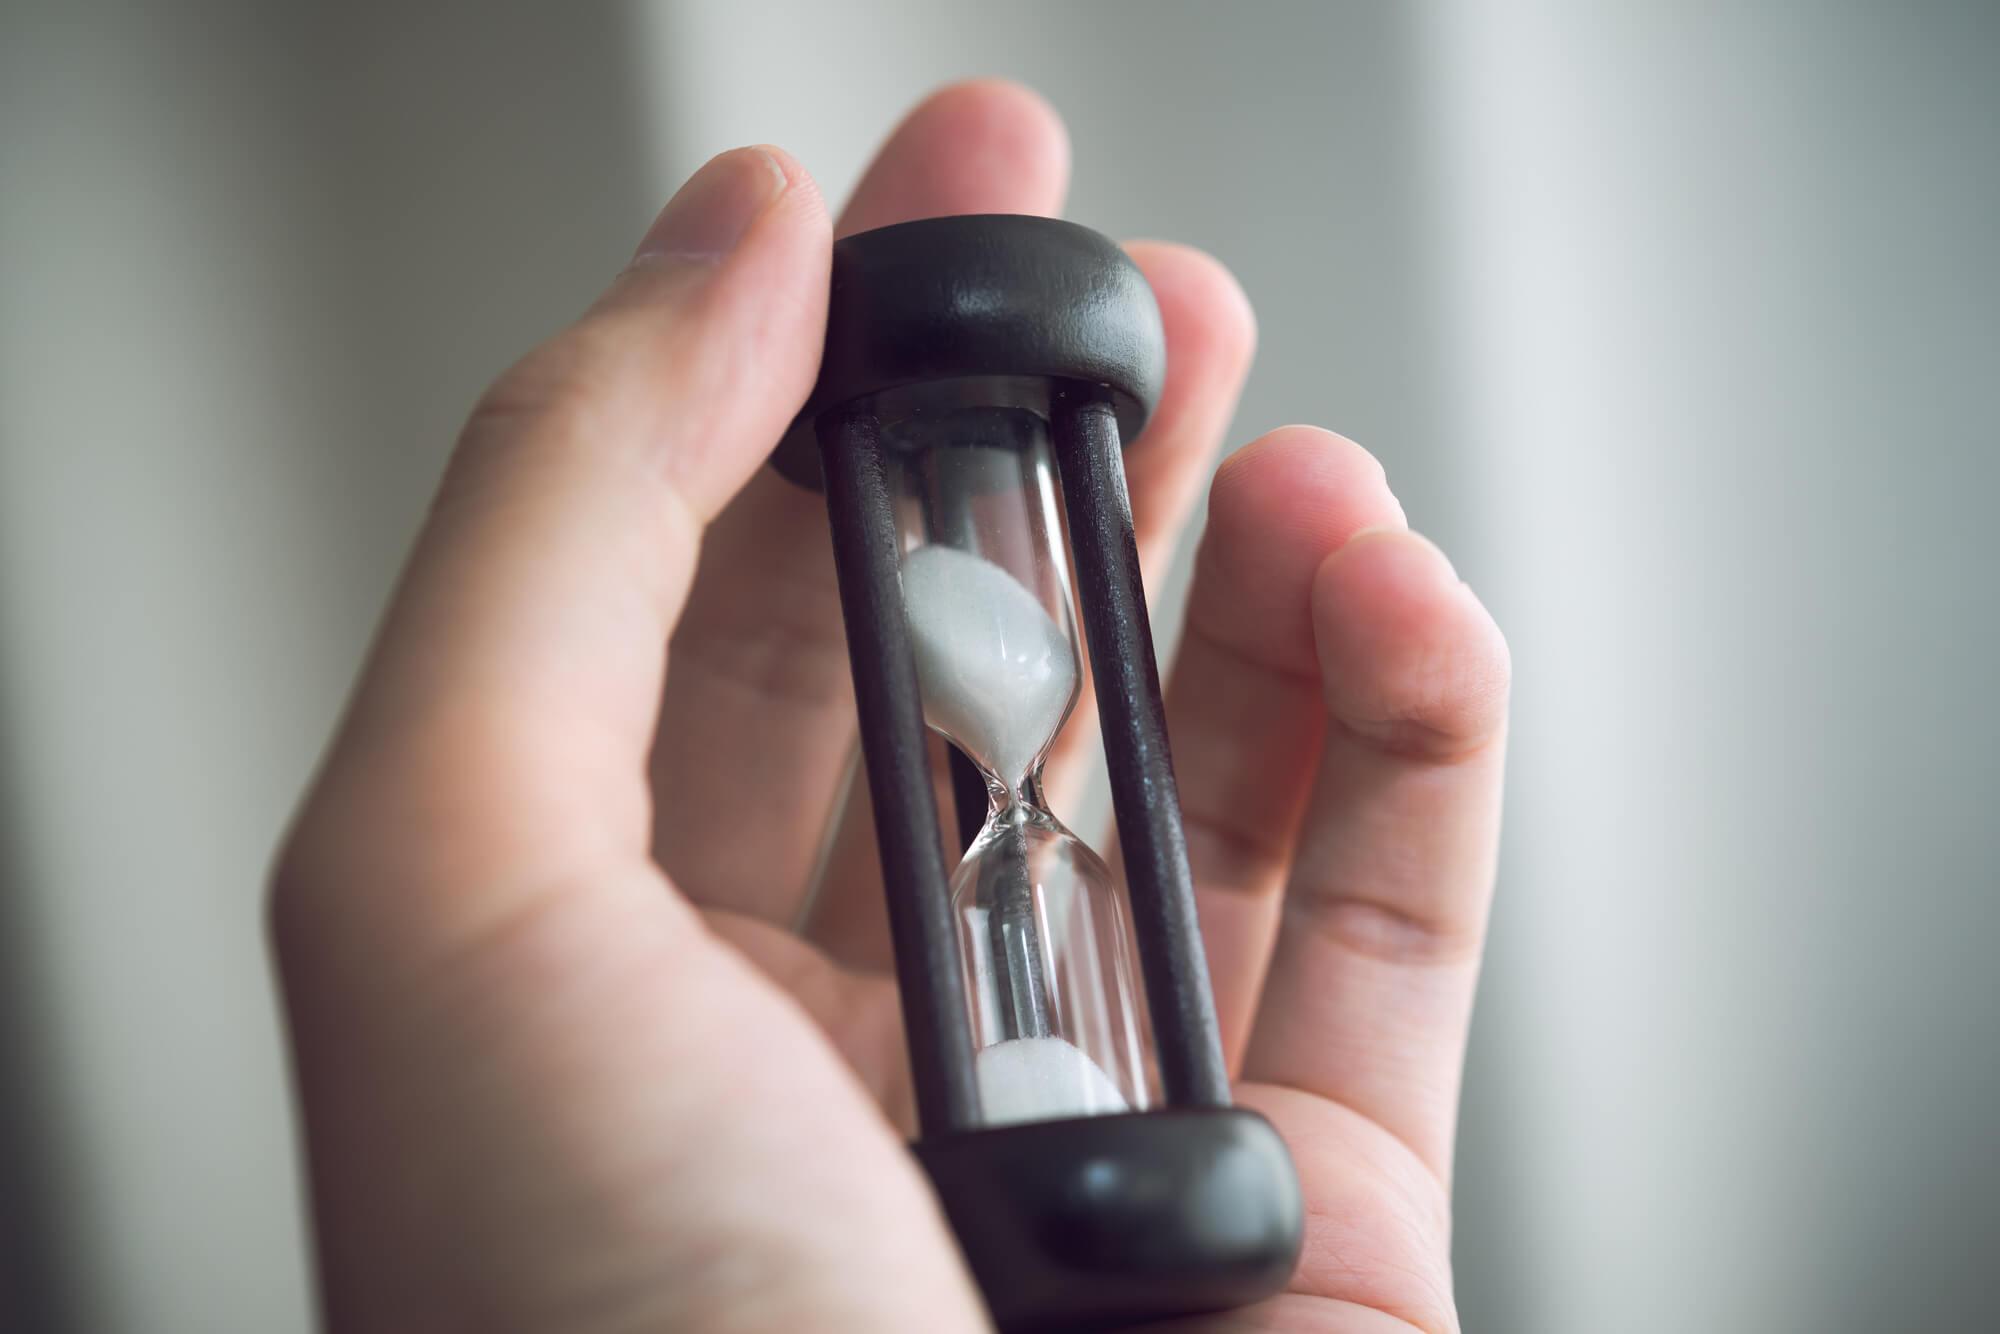 砂時計を持つ手